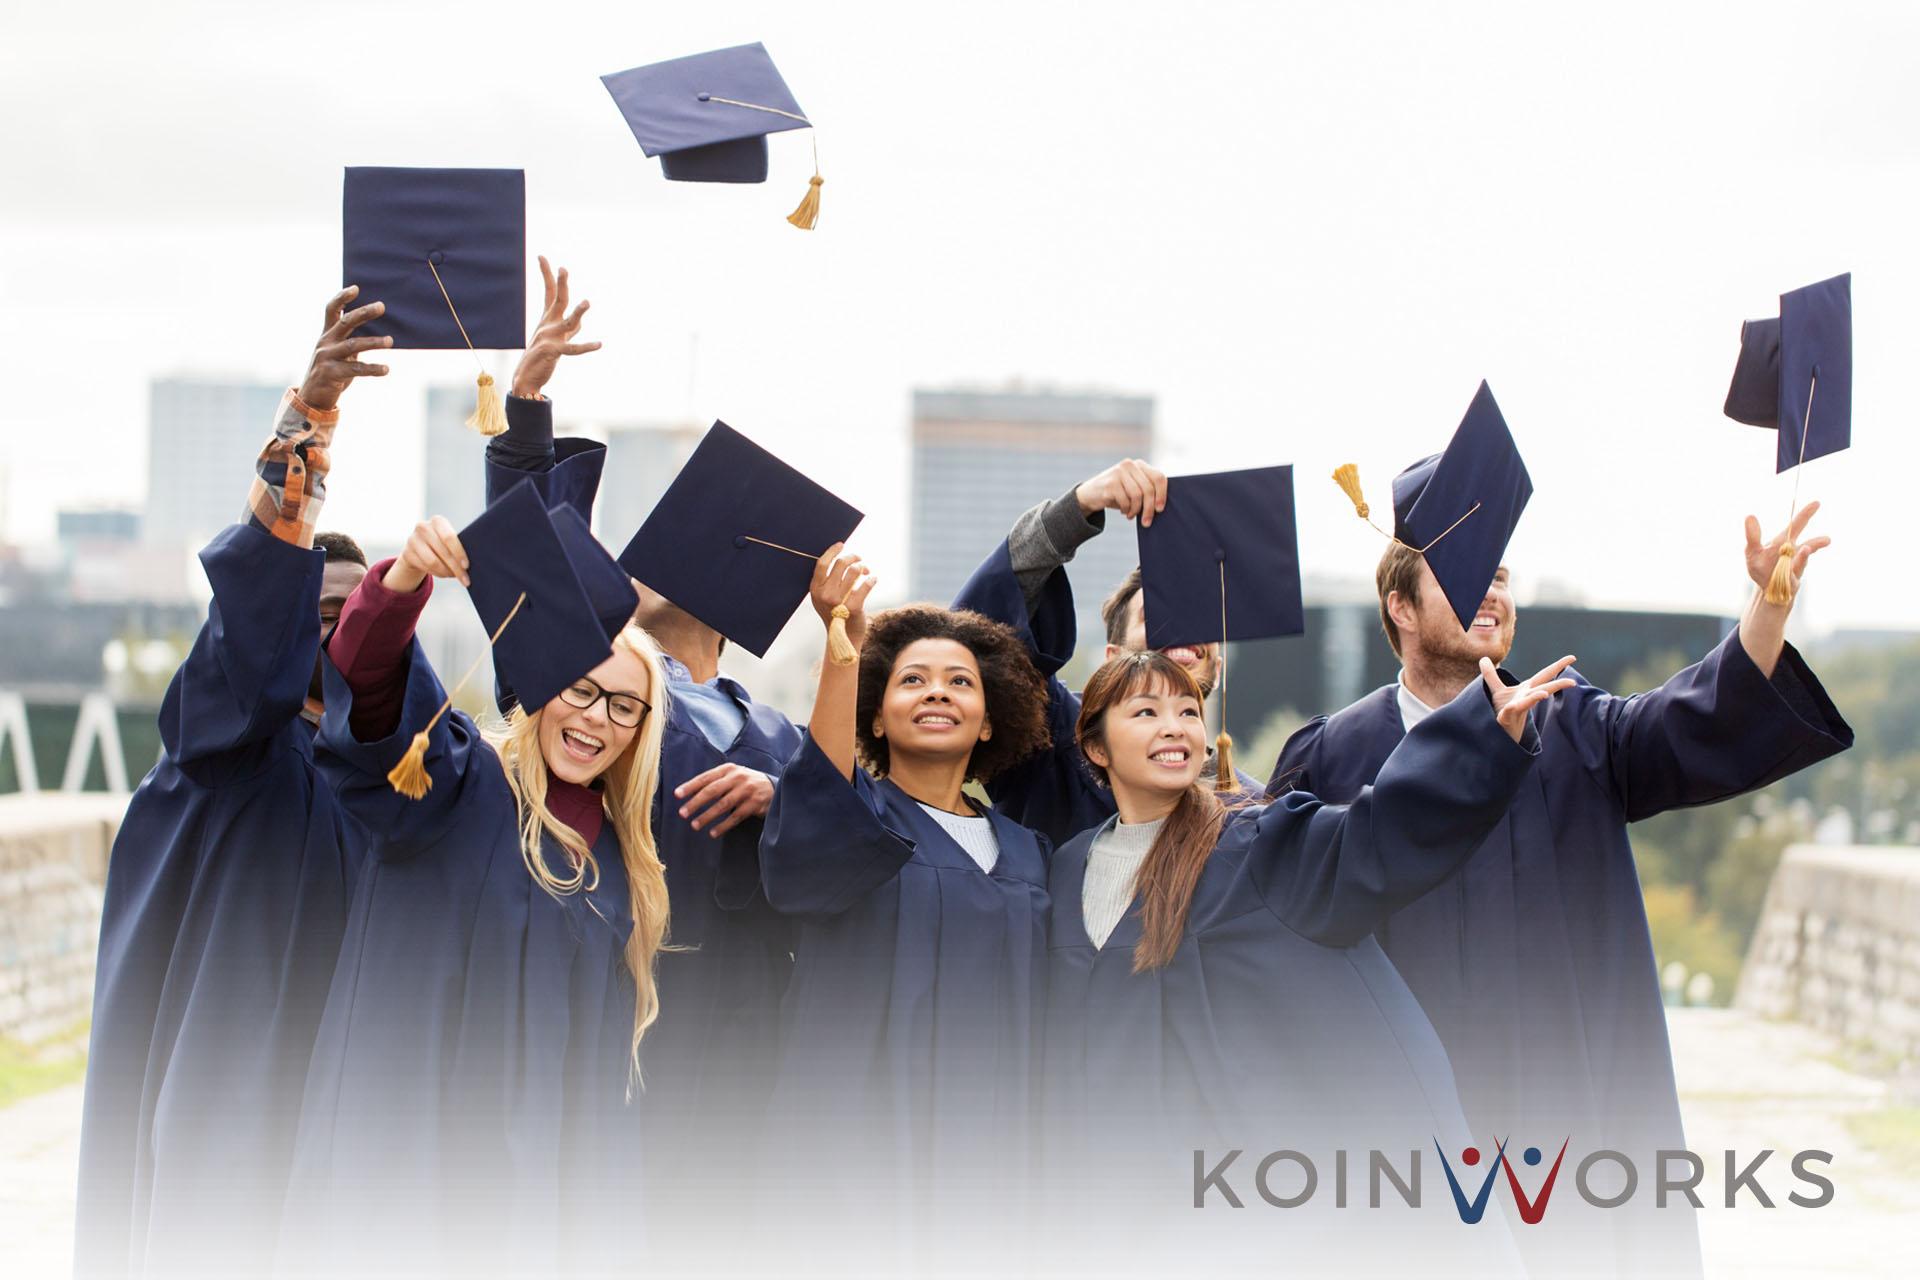 4 Trik Mudah agar Anda Rajin Belajar Setiap Hari - 5 Alasan Mengapa Pendidikan Tinggi Itu Penting, Jangan Diabaikan! - 5 Alasan Anda Tidak Boleh Fokus Pada Pendidikan Tinggi Saja - wisuda - lulus